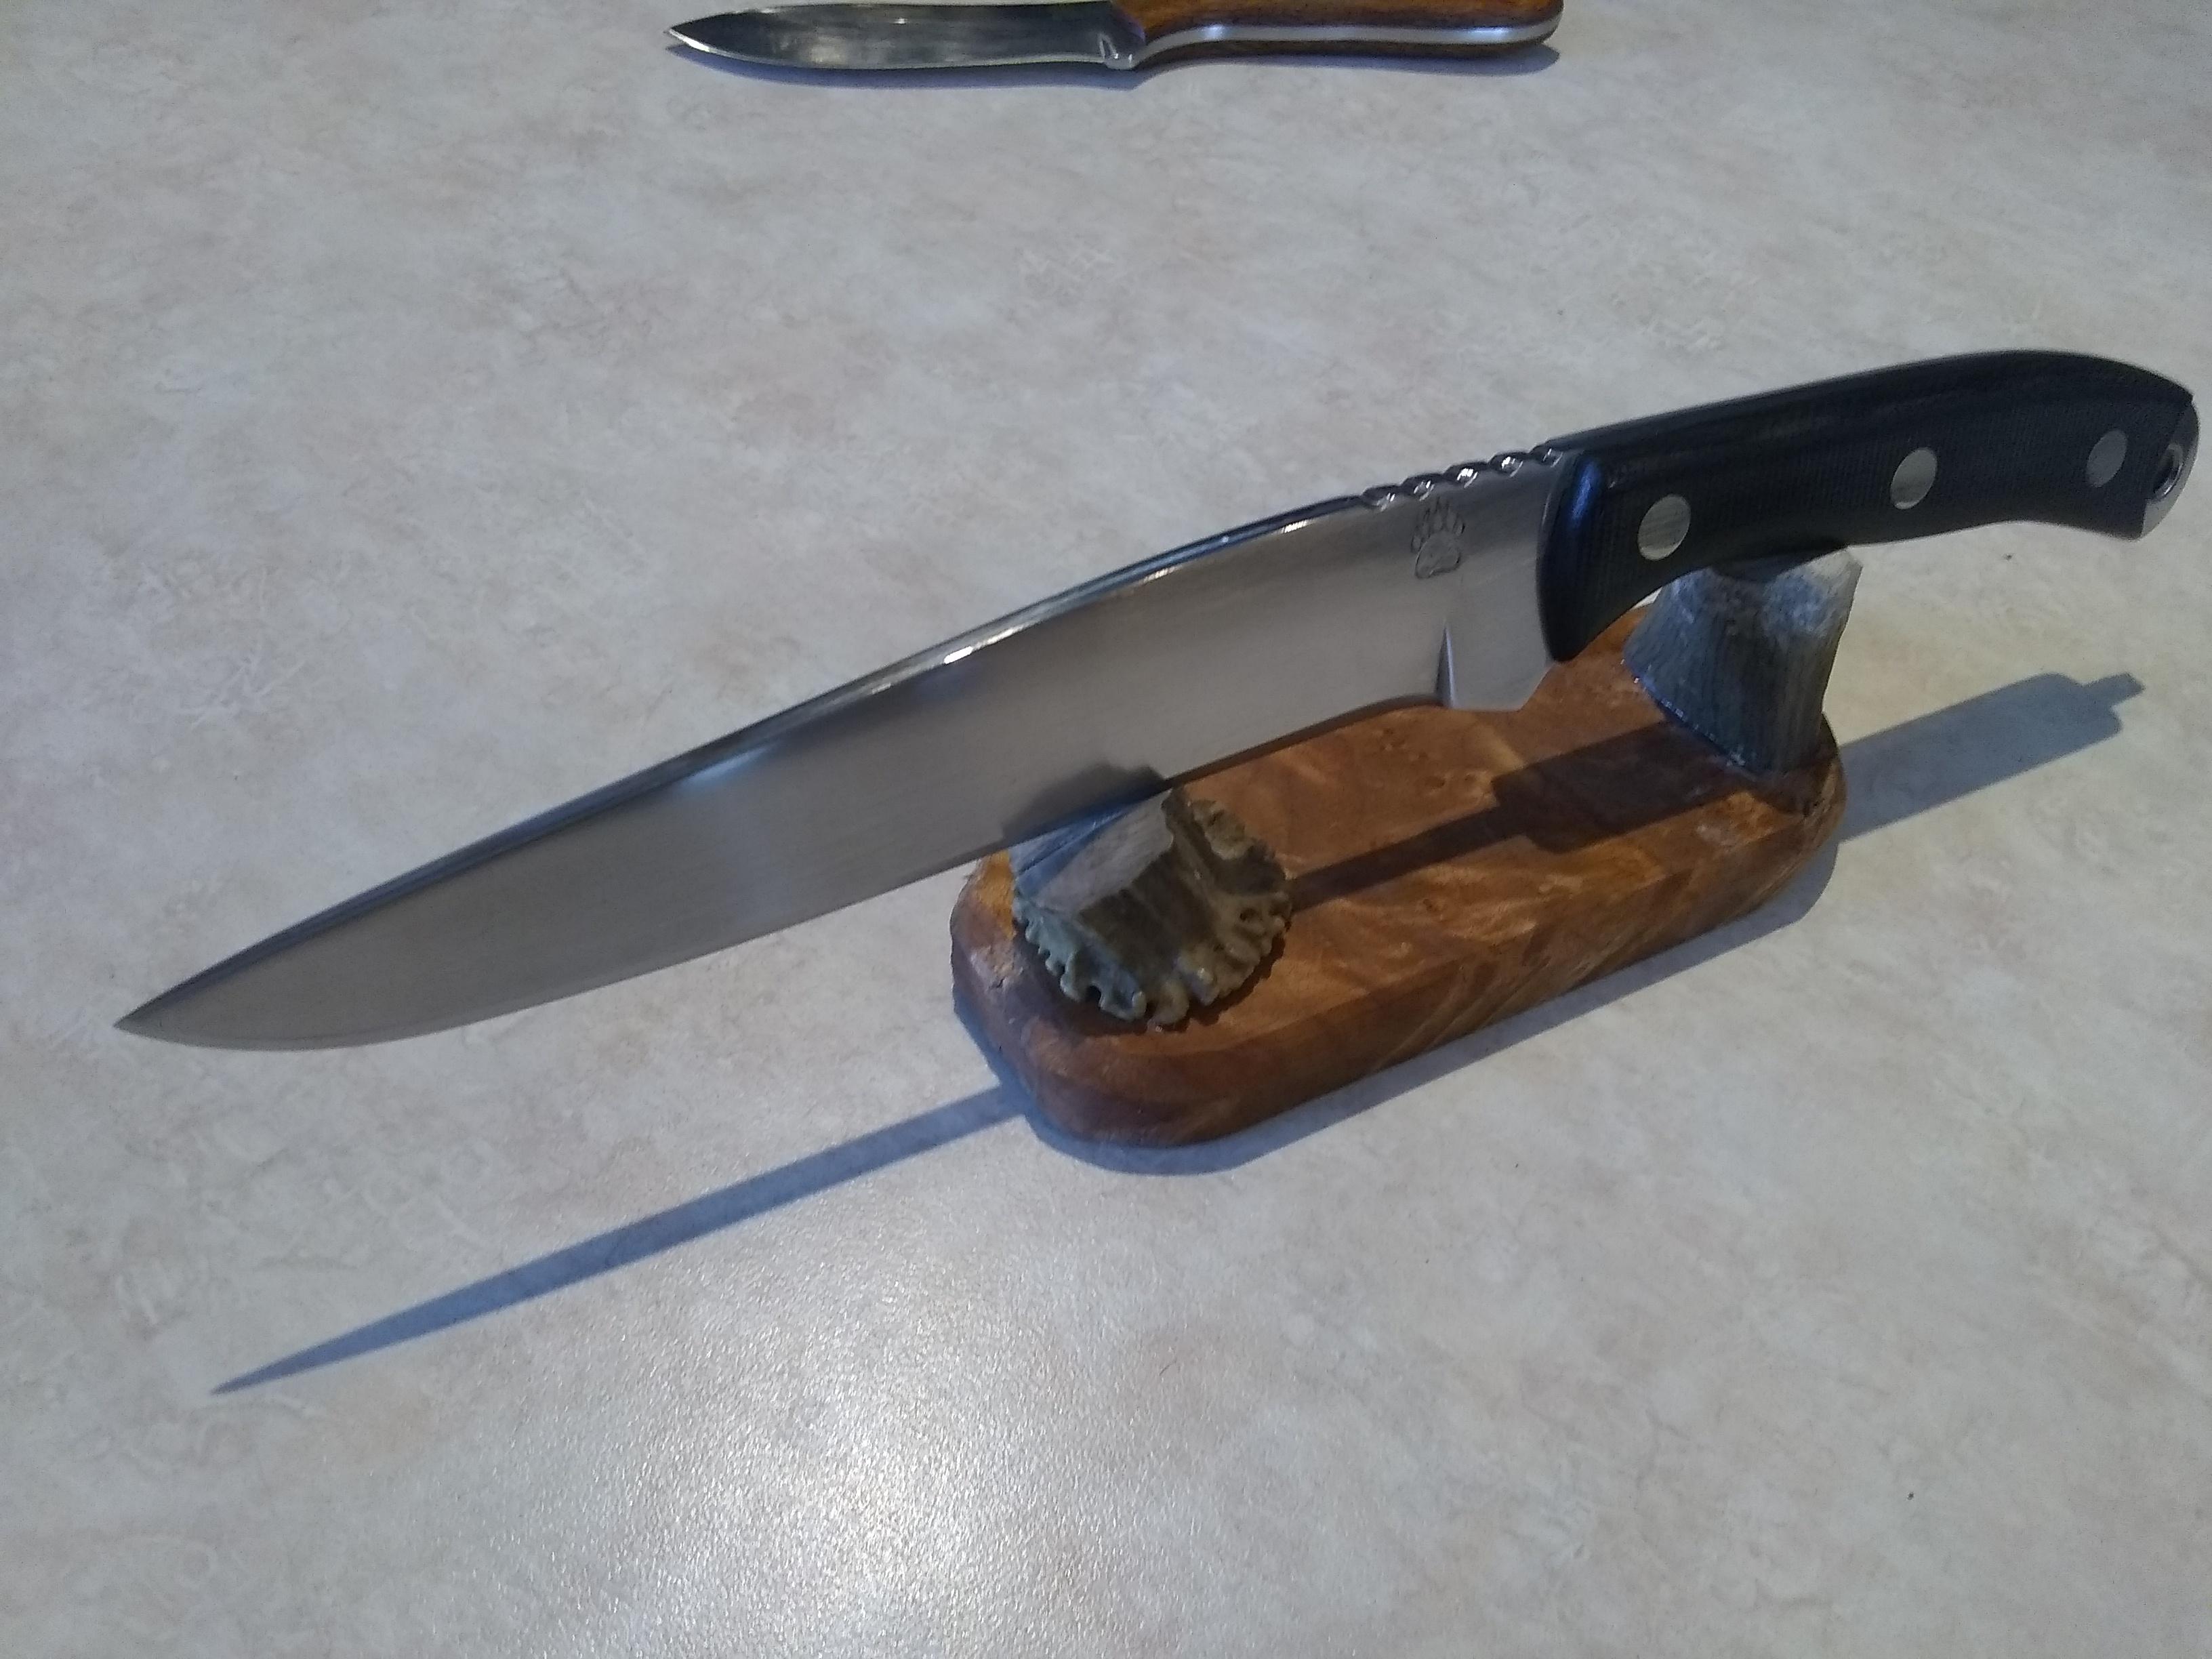 Silvertip bladeworks